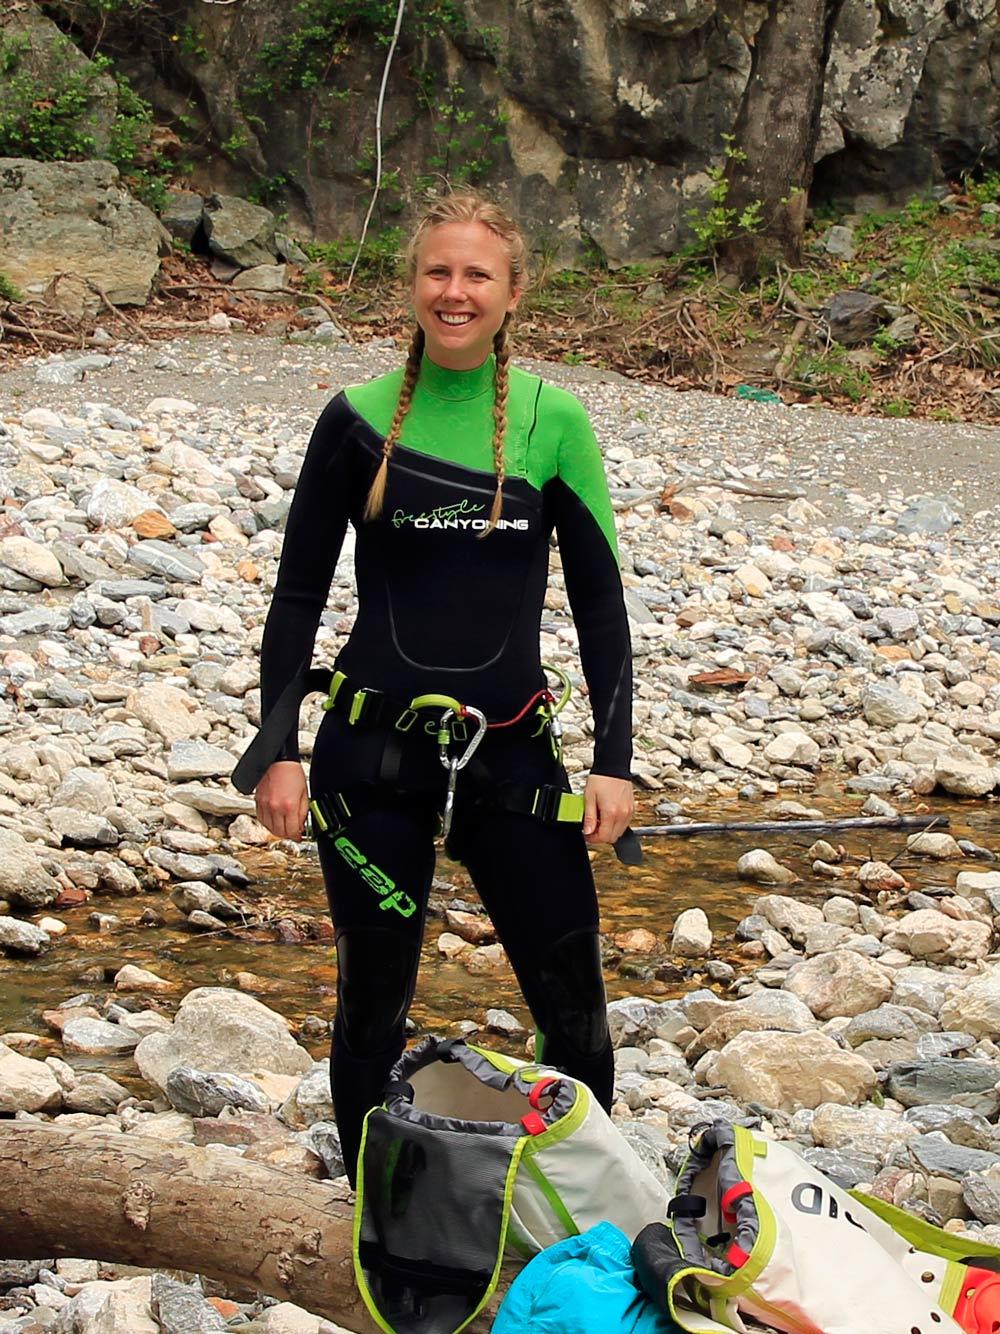 deap wetsuit